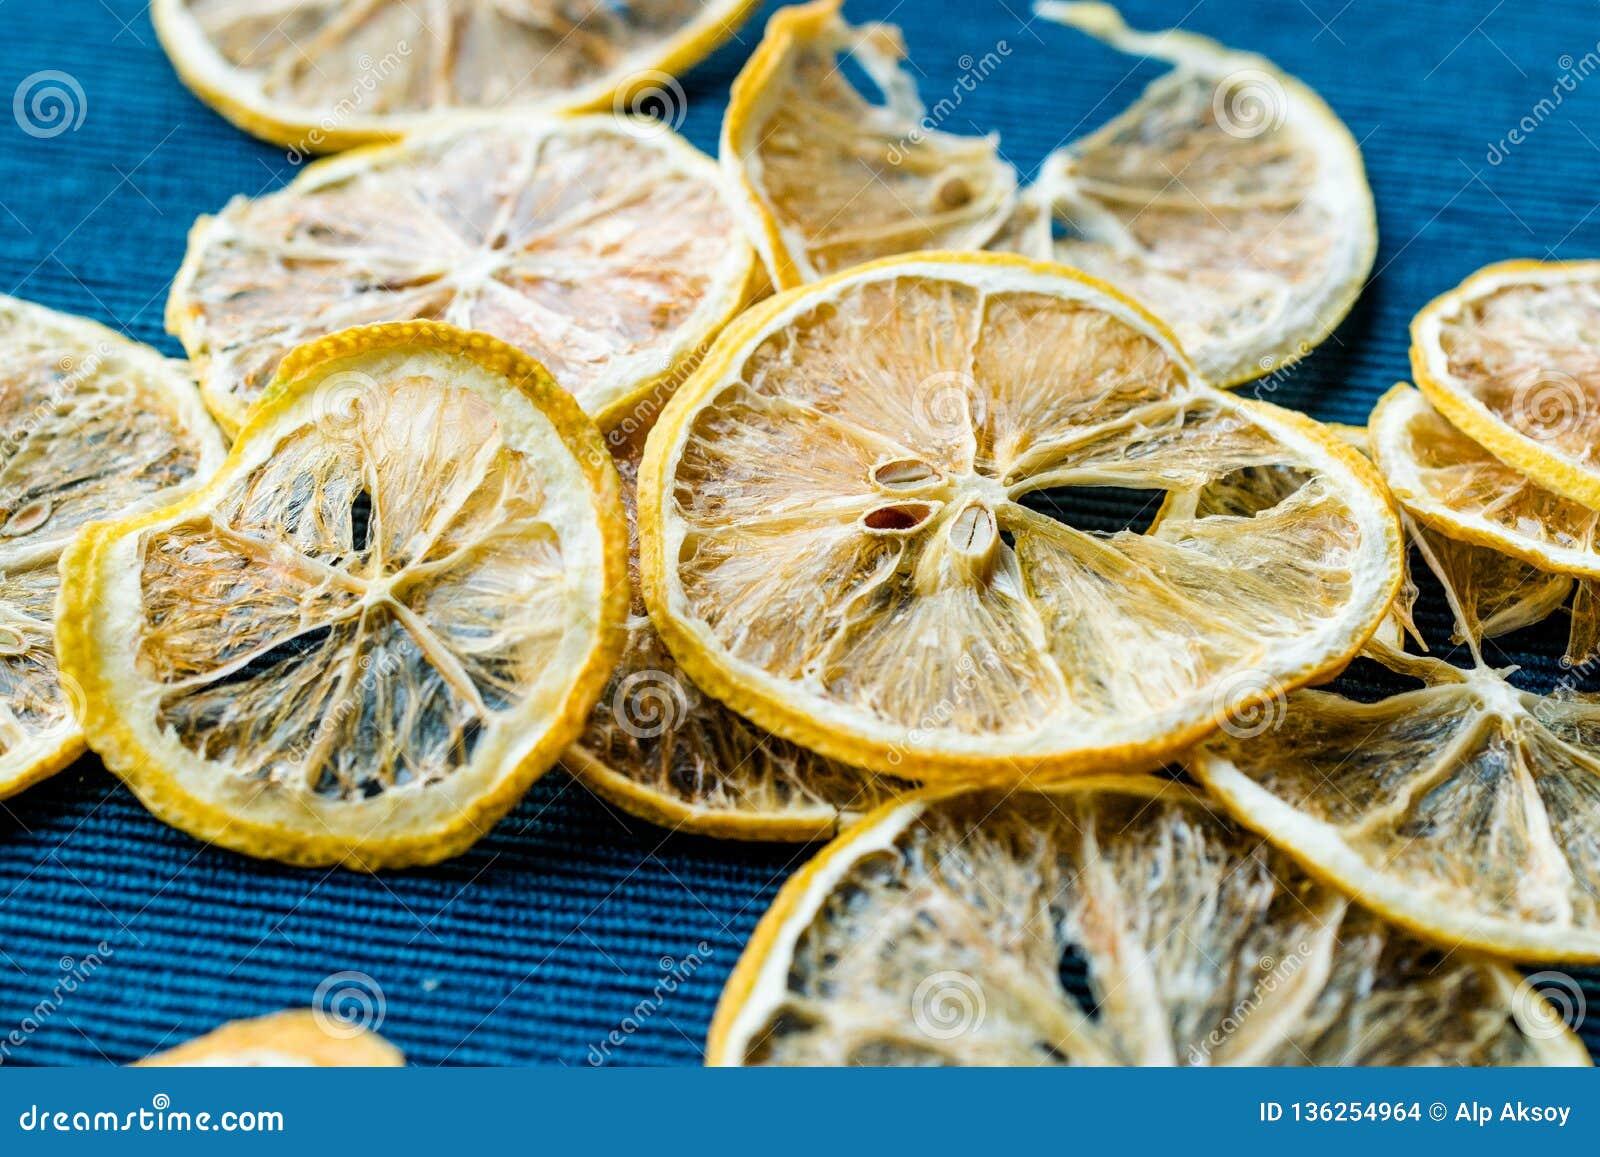 堆蓝色表面上的干柠檬切片/干燥和切